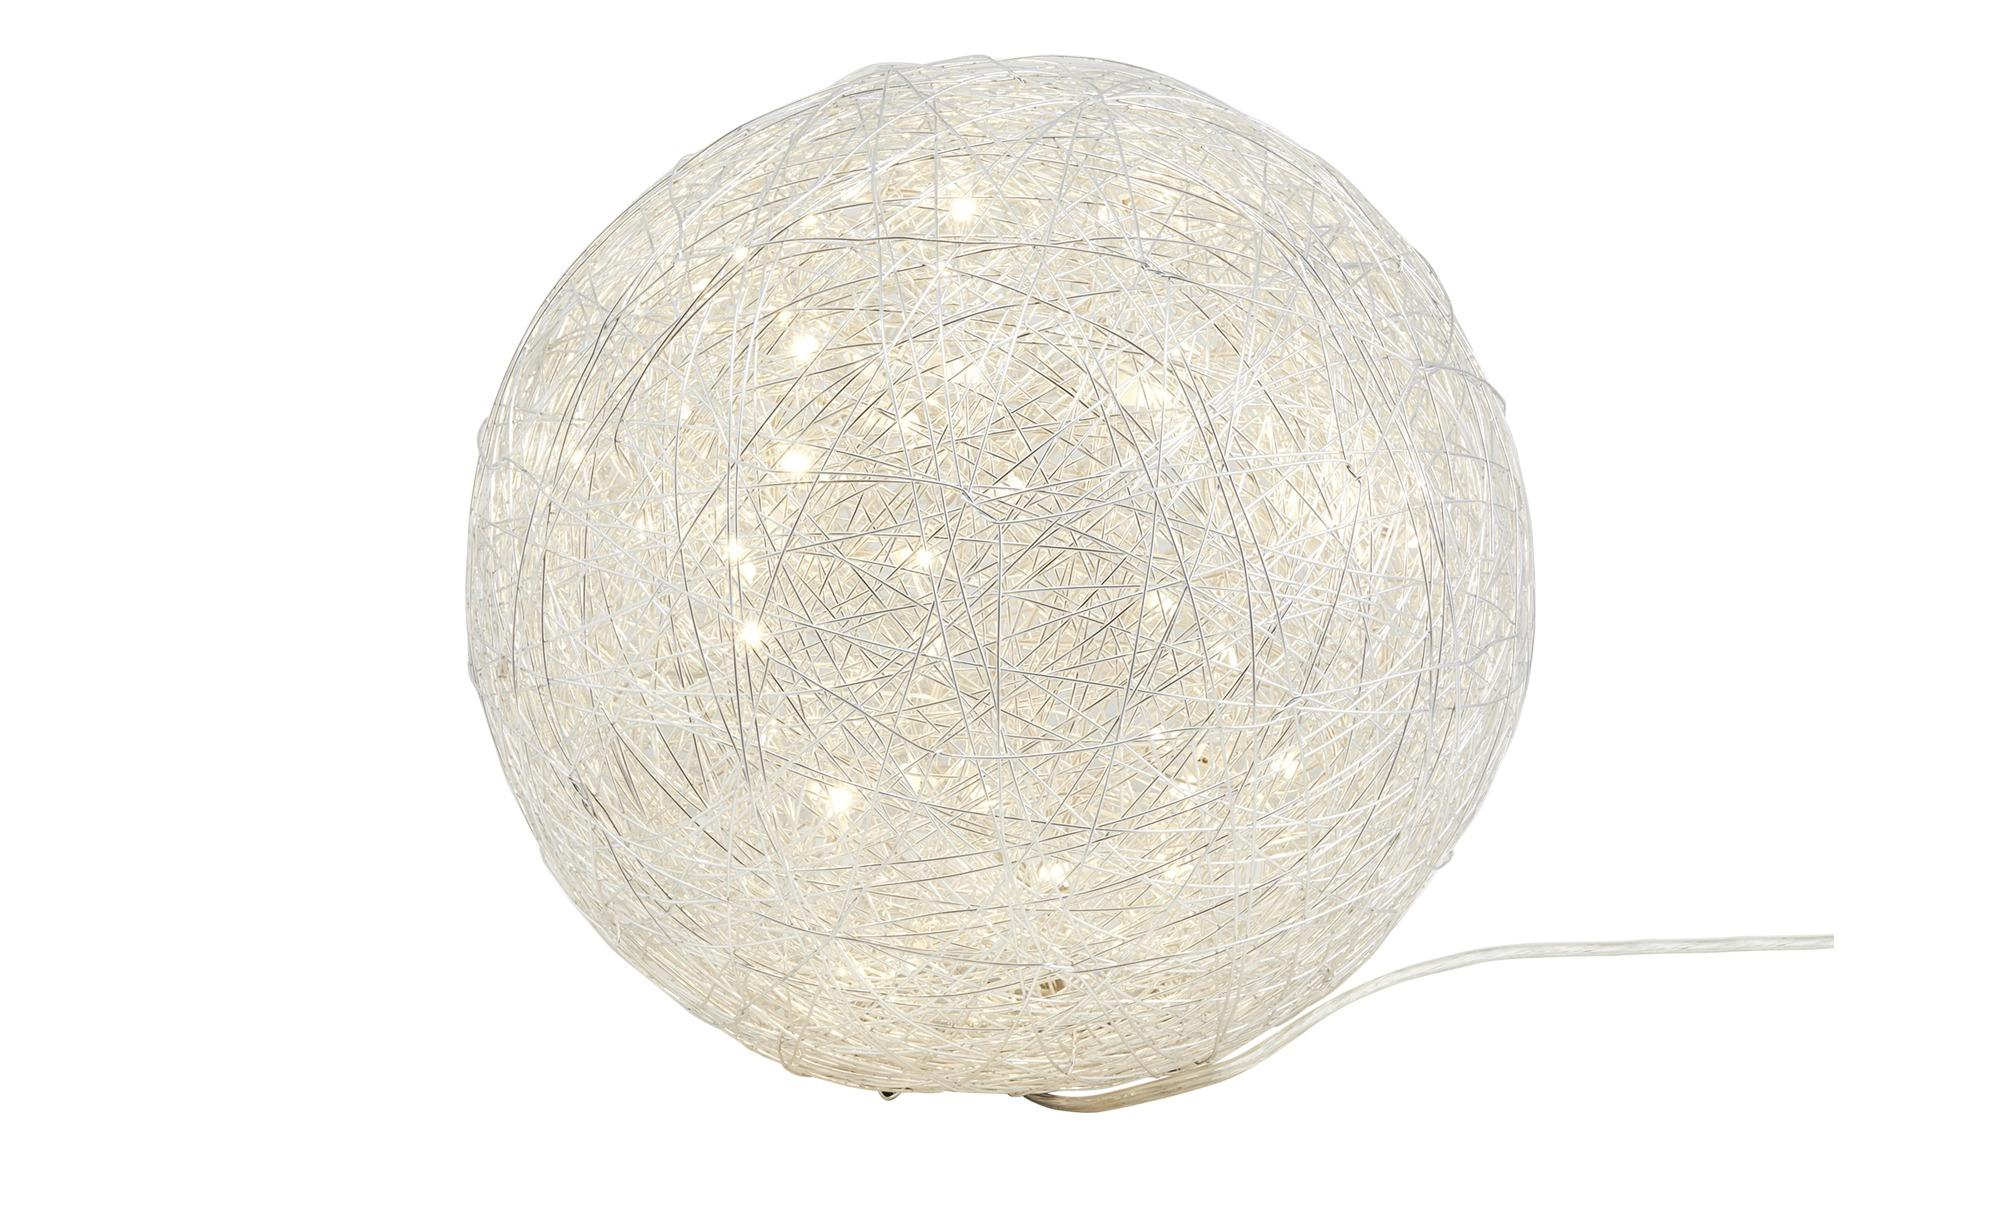 Trio LED-Tischleuchte, Alu-Drahtgeflecht ¦ silberØ: [30.0] Lampen & Leuchten > Innenleuchten > Tischlampen - Höffner